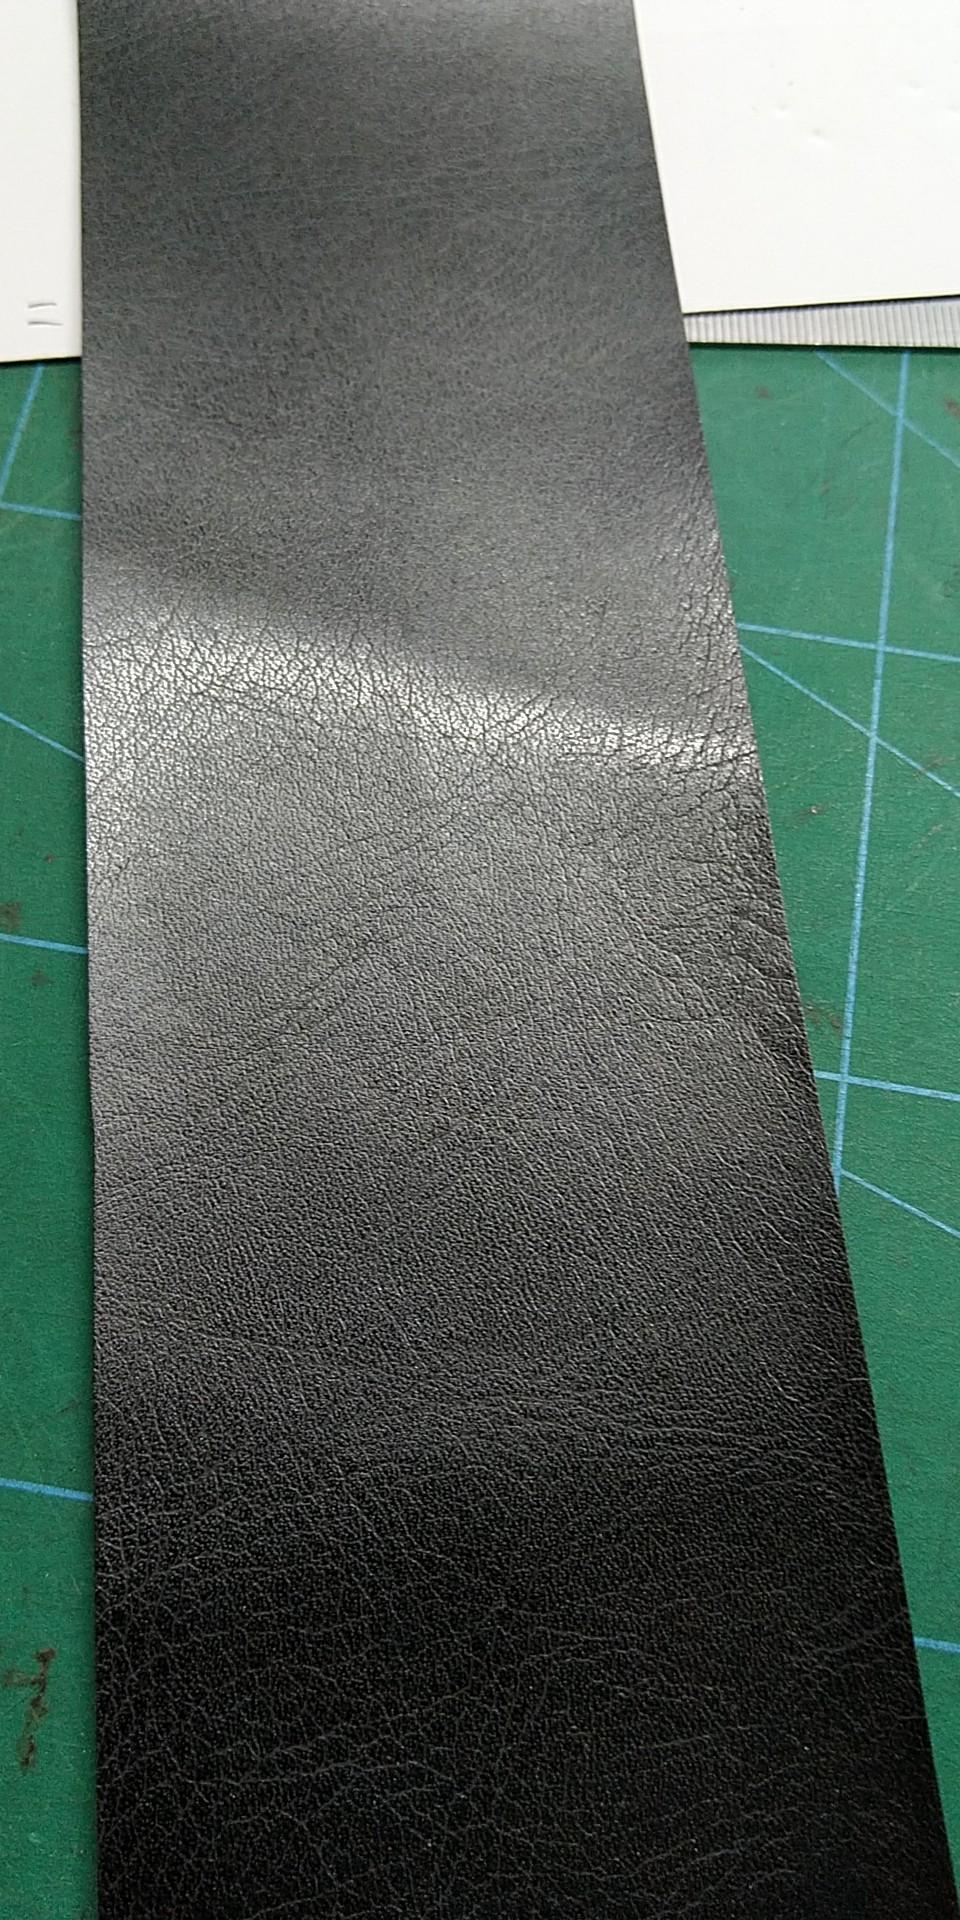 D E95纹,0.7不压变,手感要好